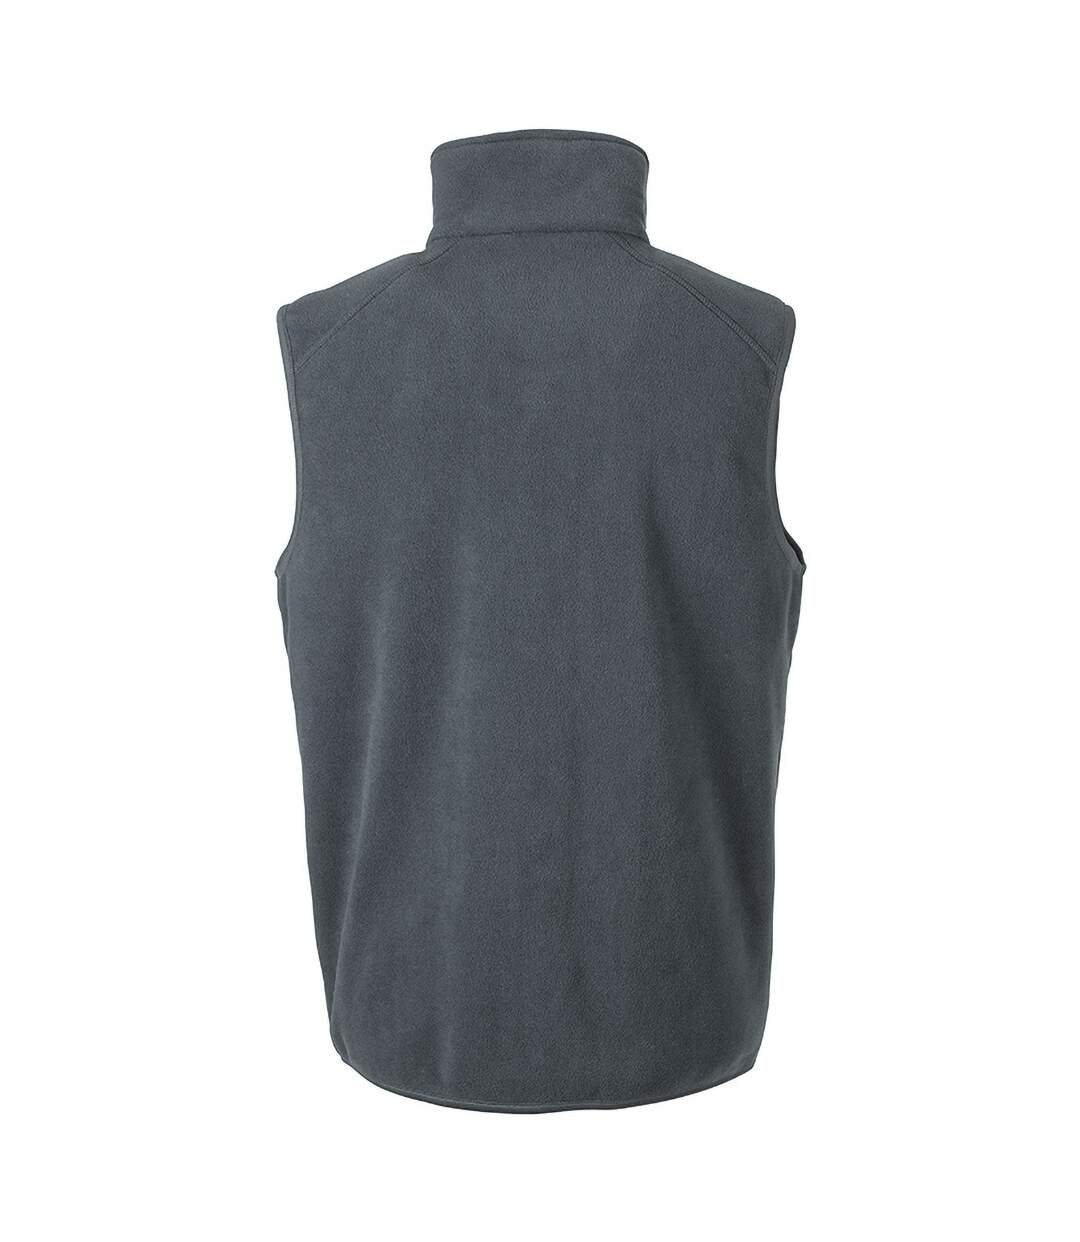 Result Core Mens Micro Fleece Gilet (Charcoal) - UTPC3013